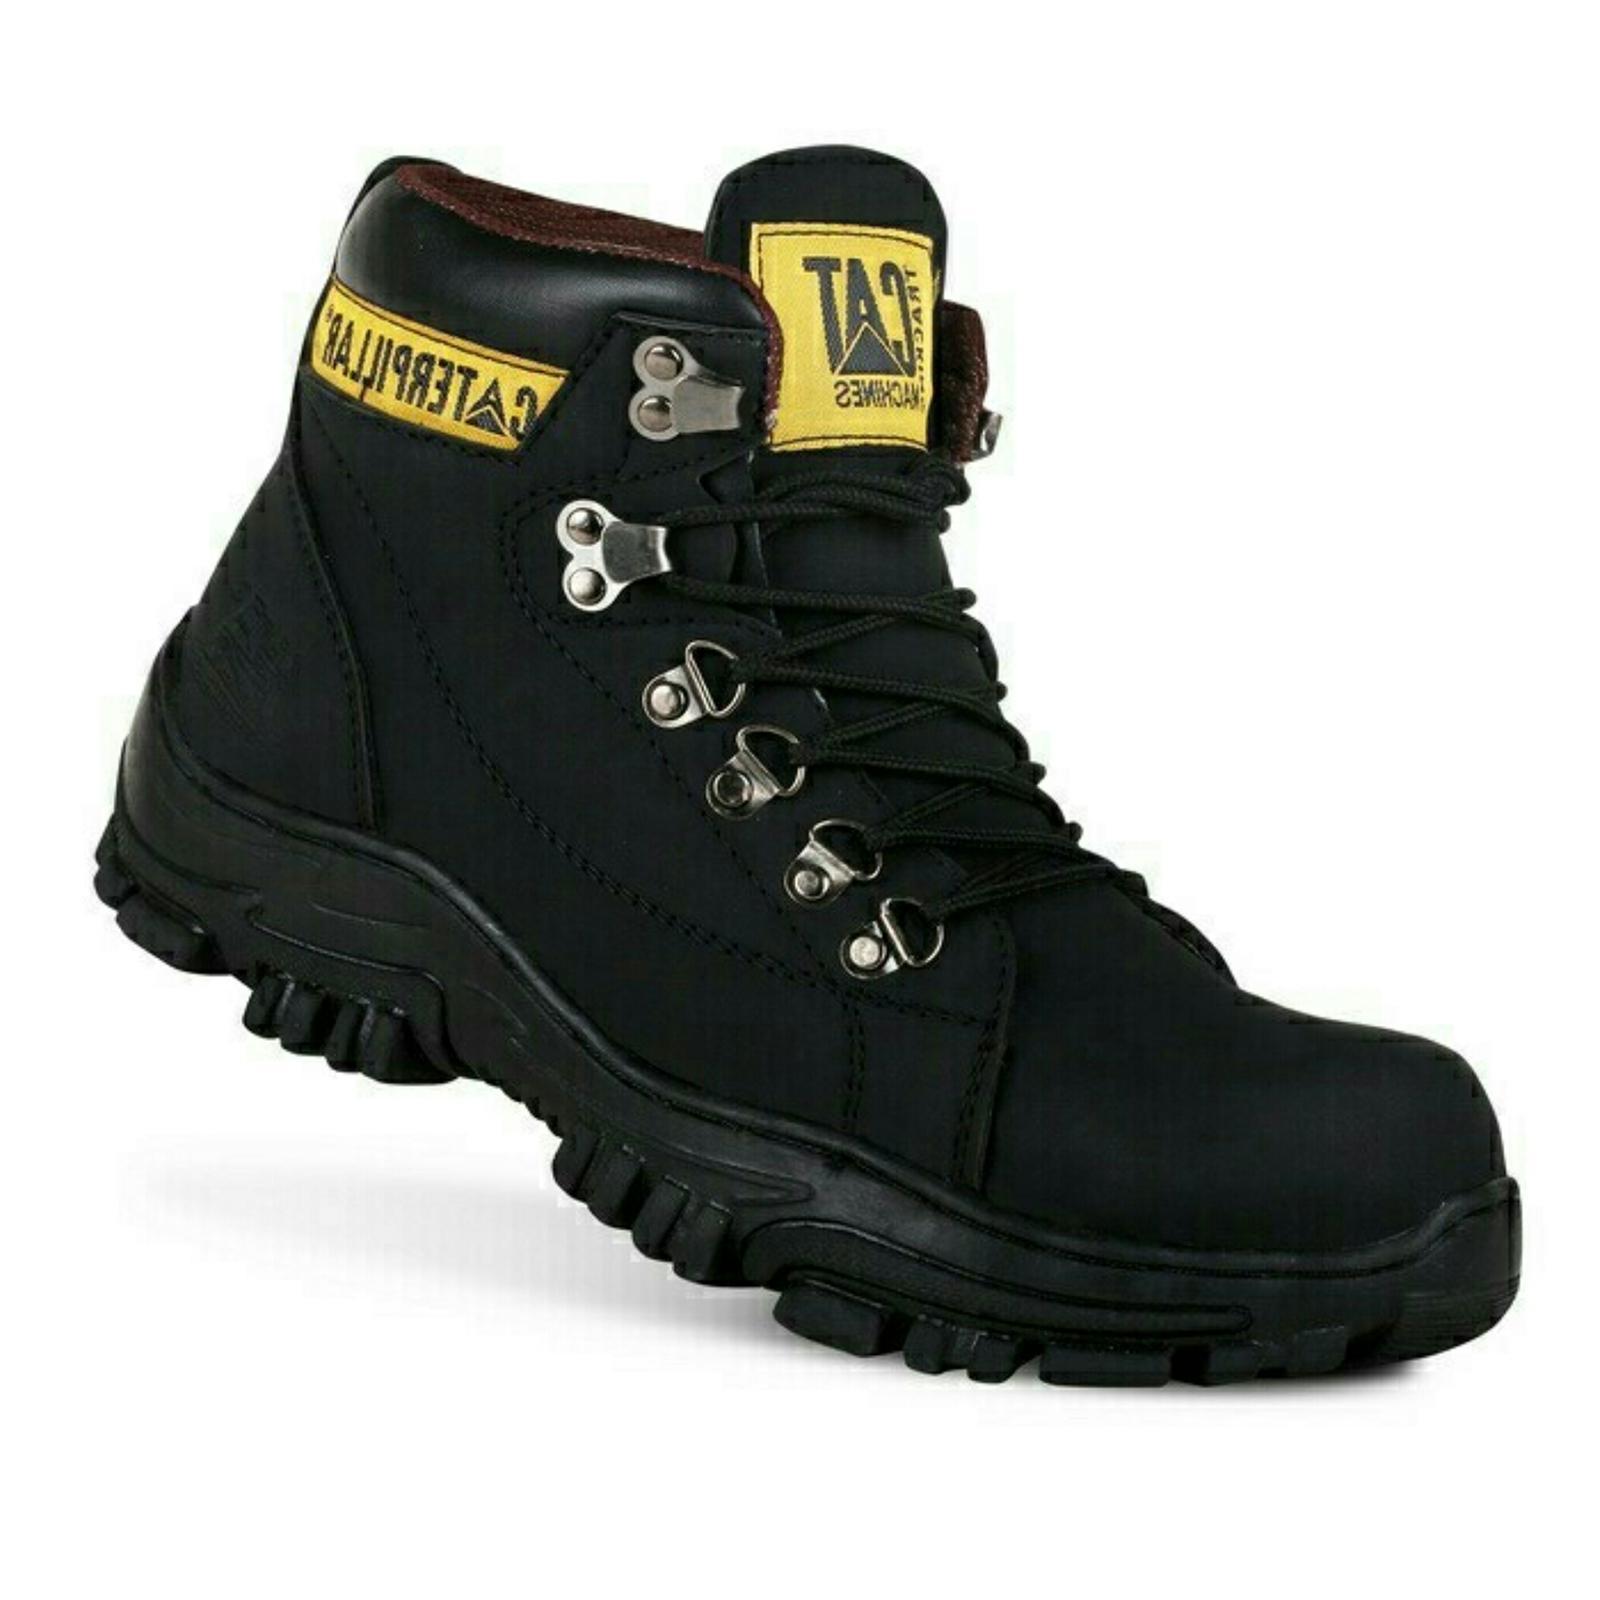 Sepatu Boots Pria Safety Caterpillar Hydraulic Ujung Besi Murah f2be7772c3